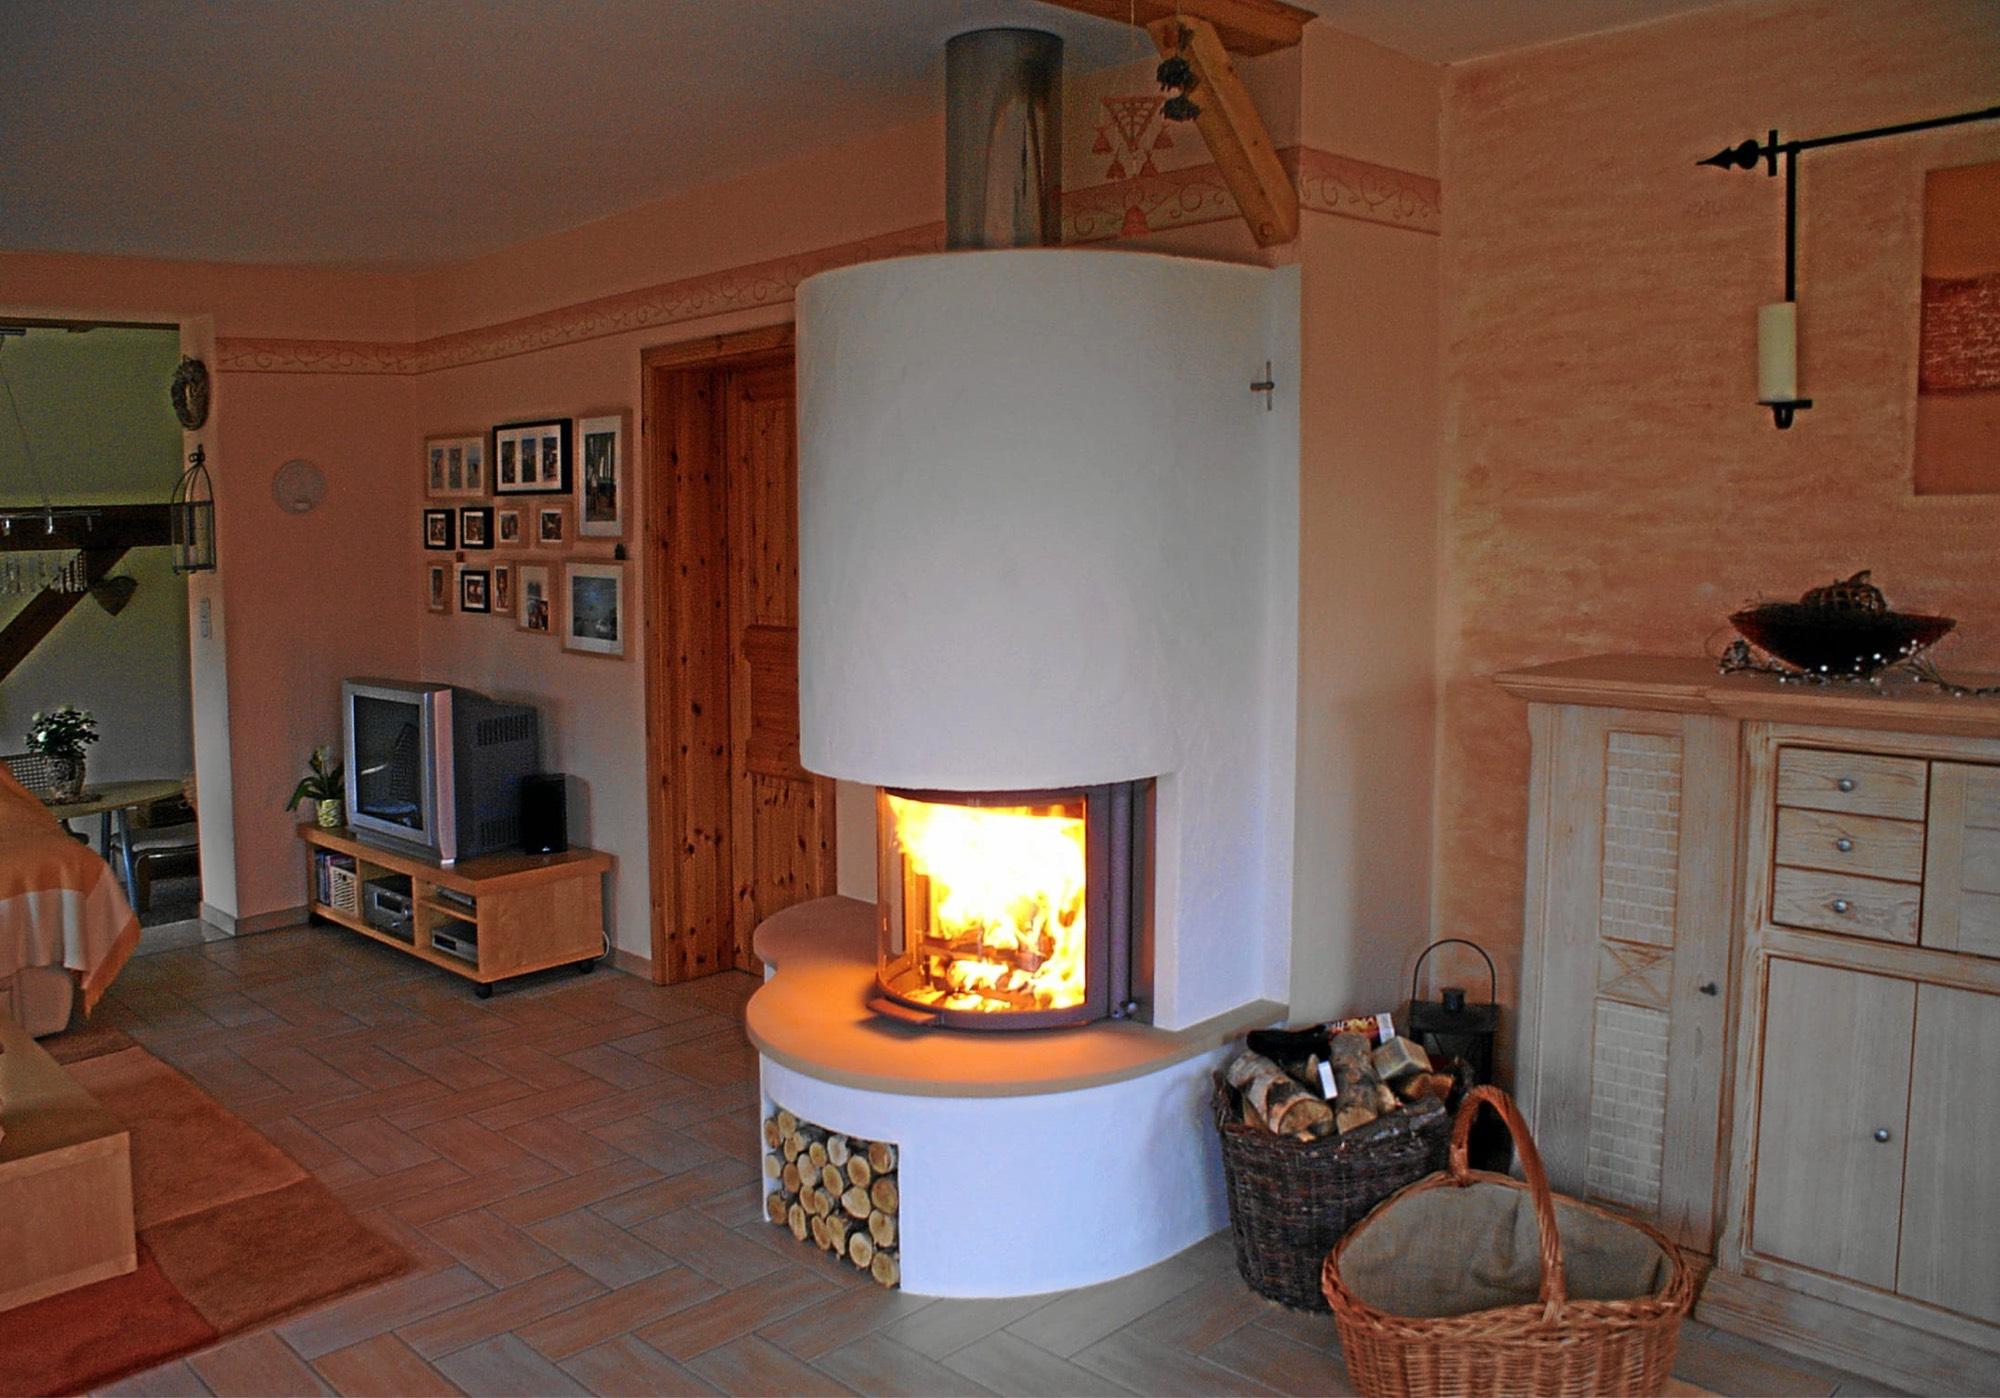 kamin fr die wohnung best wohnung typ mit terrasse und kamin villa europa wohnungen mit kamin. Black Bedroom Furniture Sets. Home Design Ideas